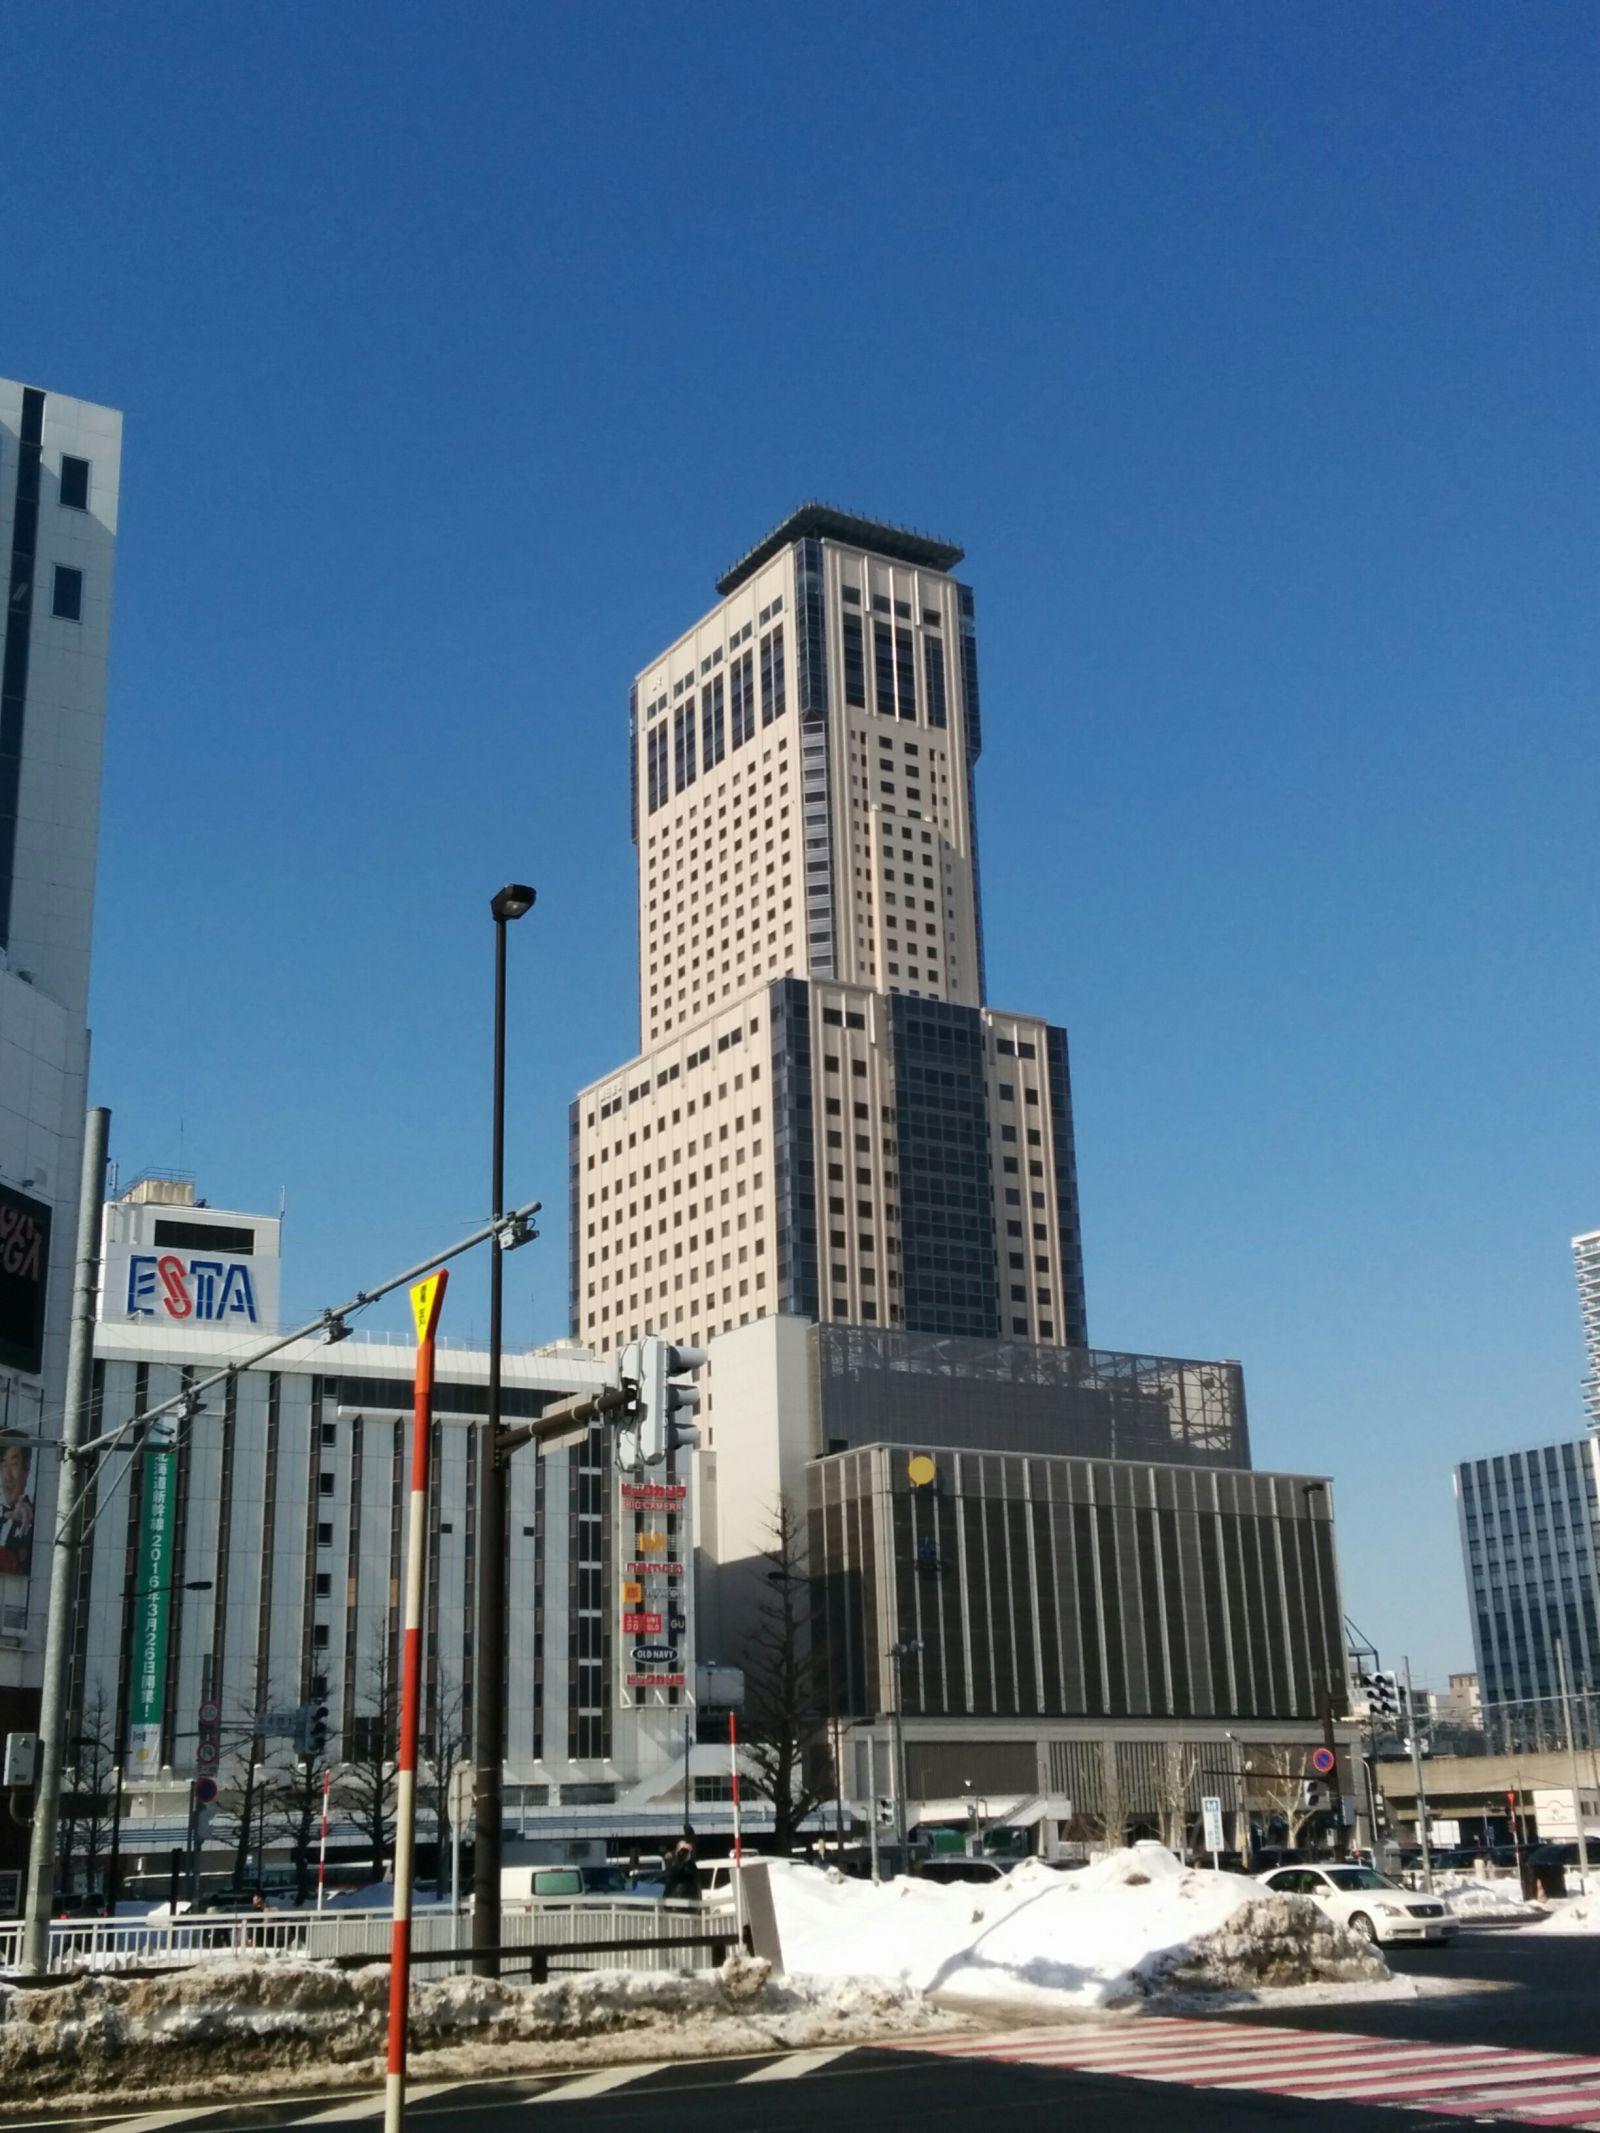 【札幌市】札幌JRタワー日航ホテル・全日空ホテル・モントレエーデルホフホテル観光タクシー